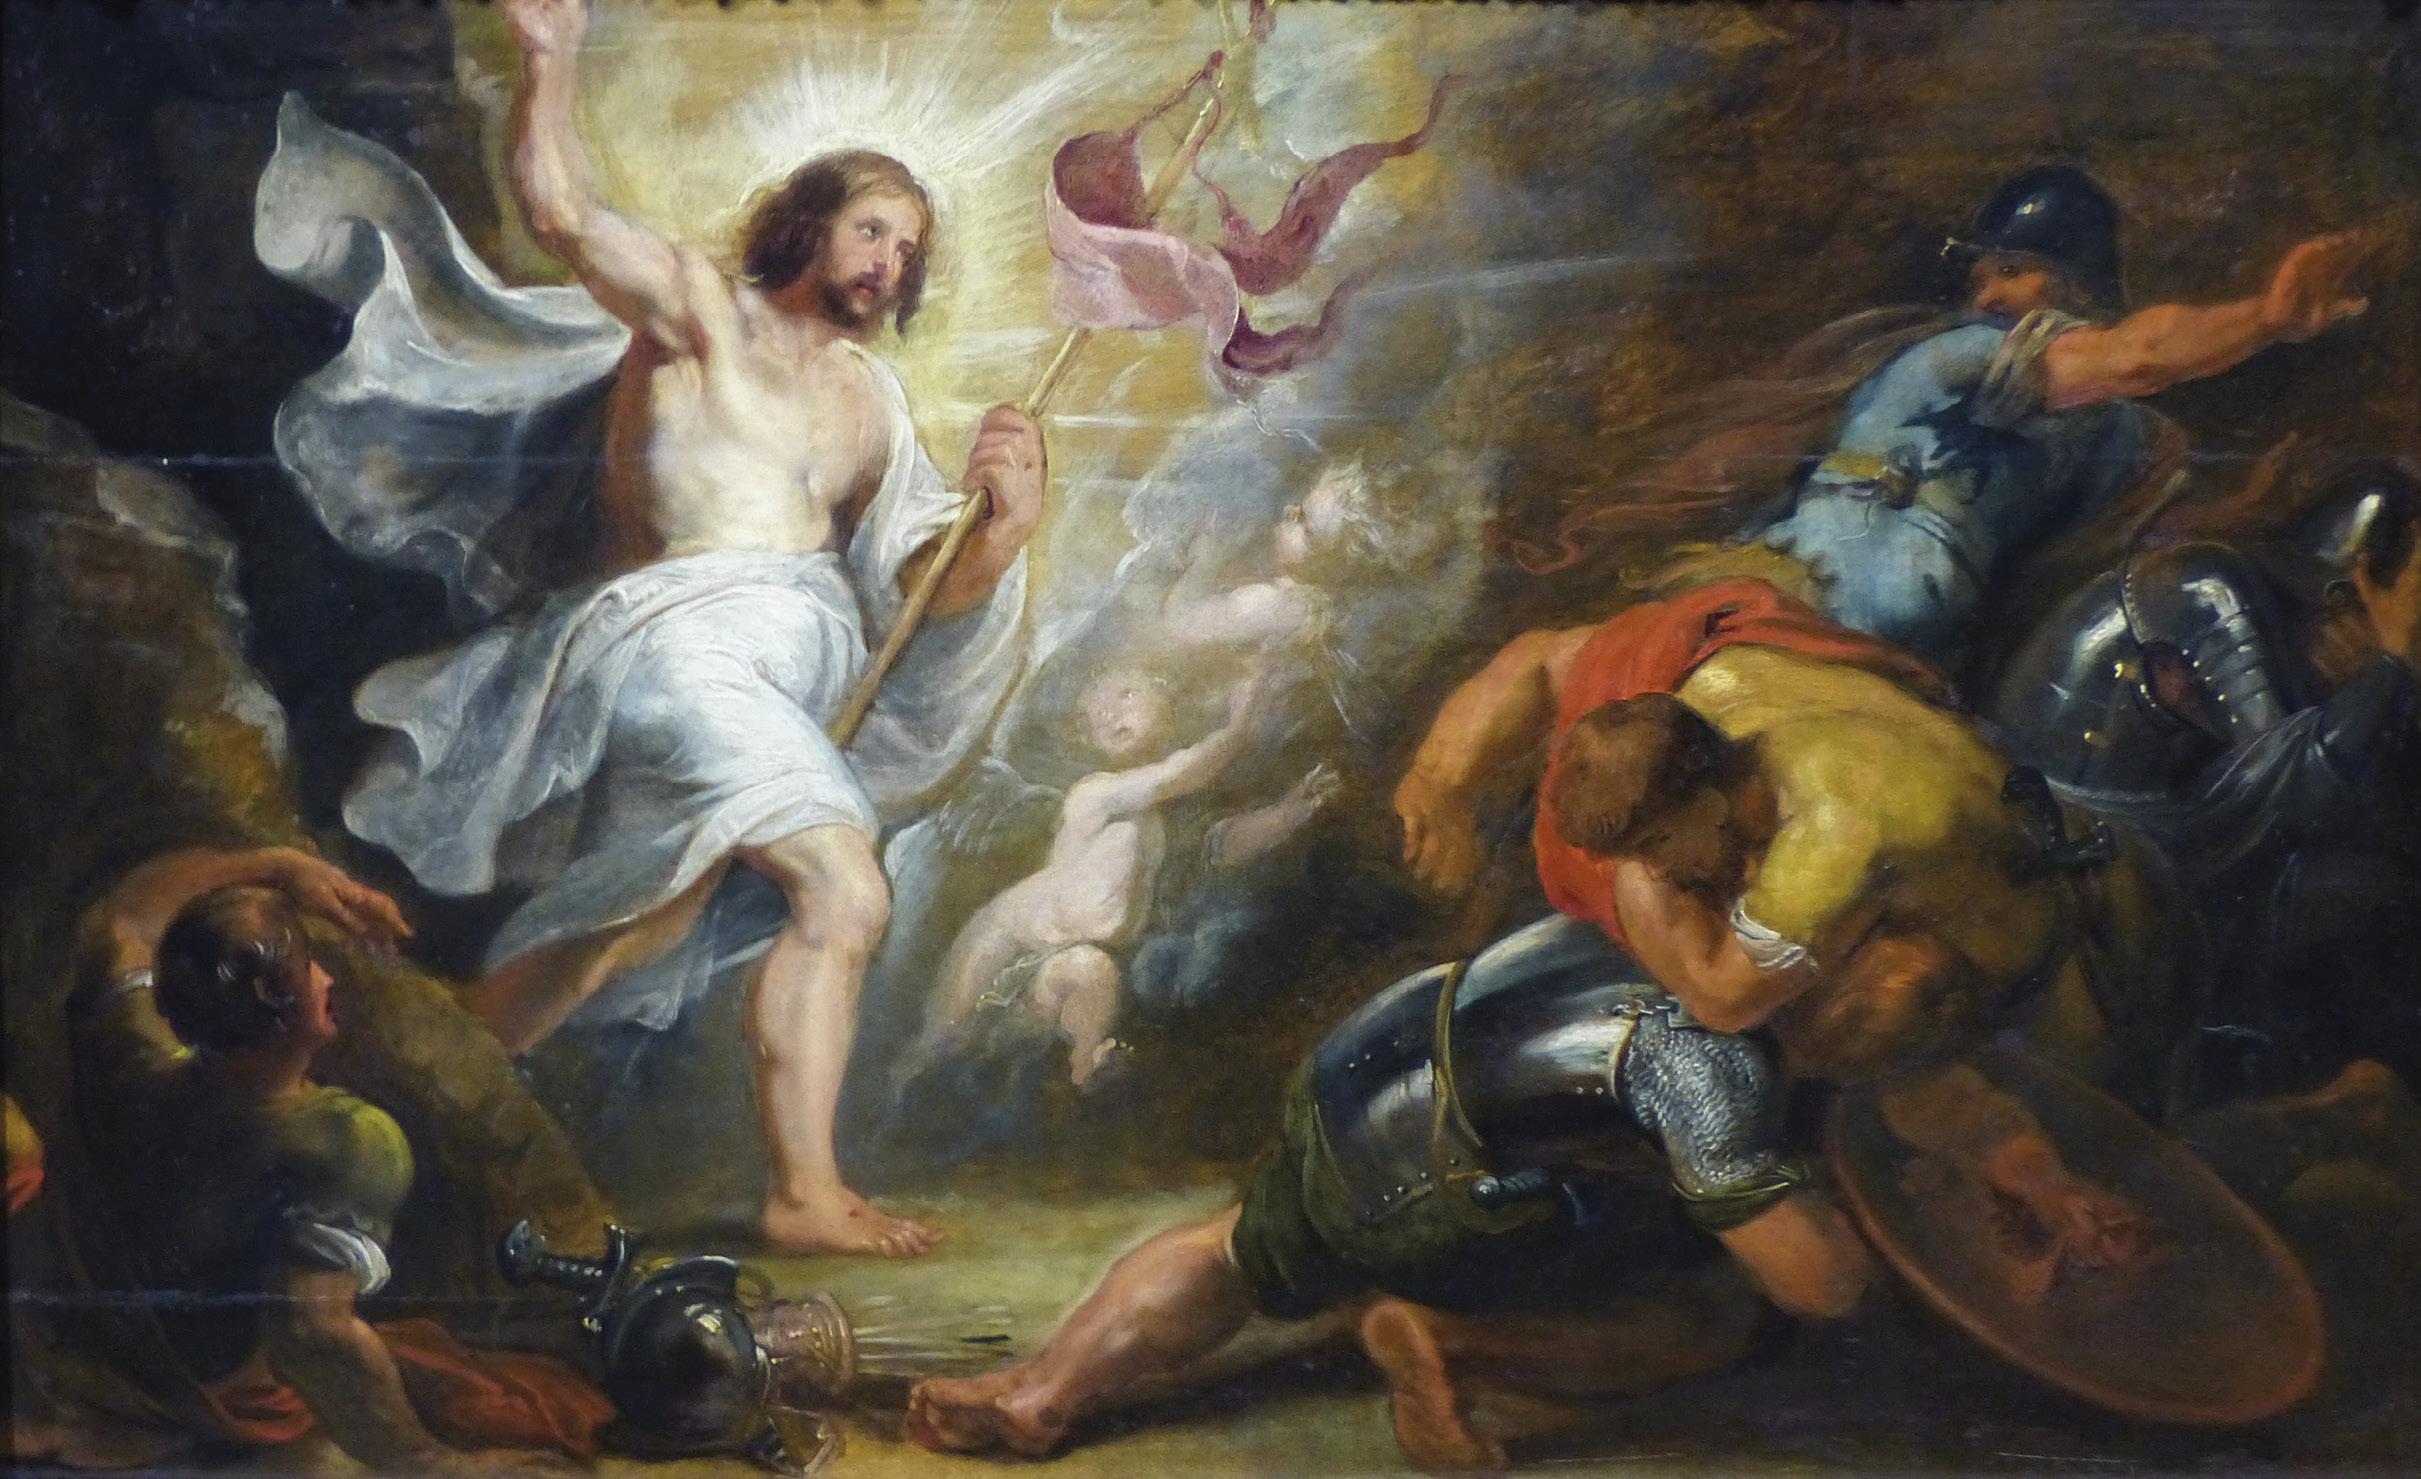 Ressurreição de Cristo, Peter Paul Rubens (1577-1640), Museu de Belas Artes, Marselha, França. Wikimedia Commons.